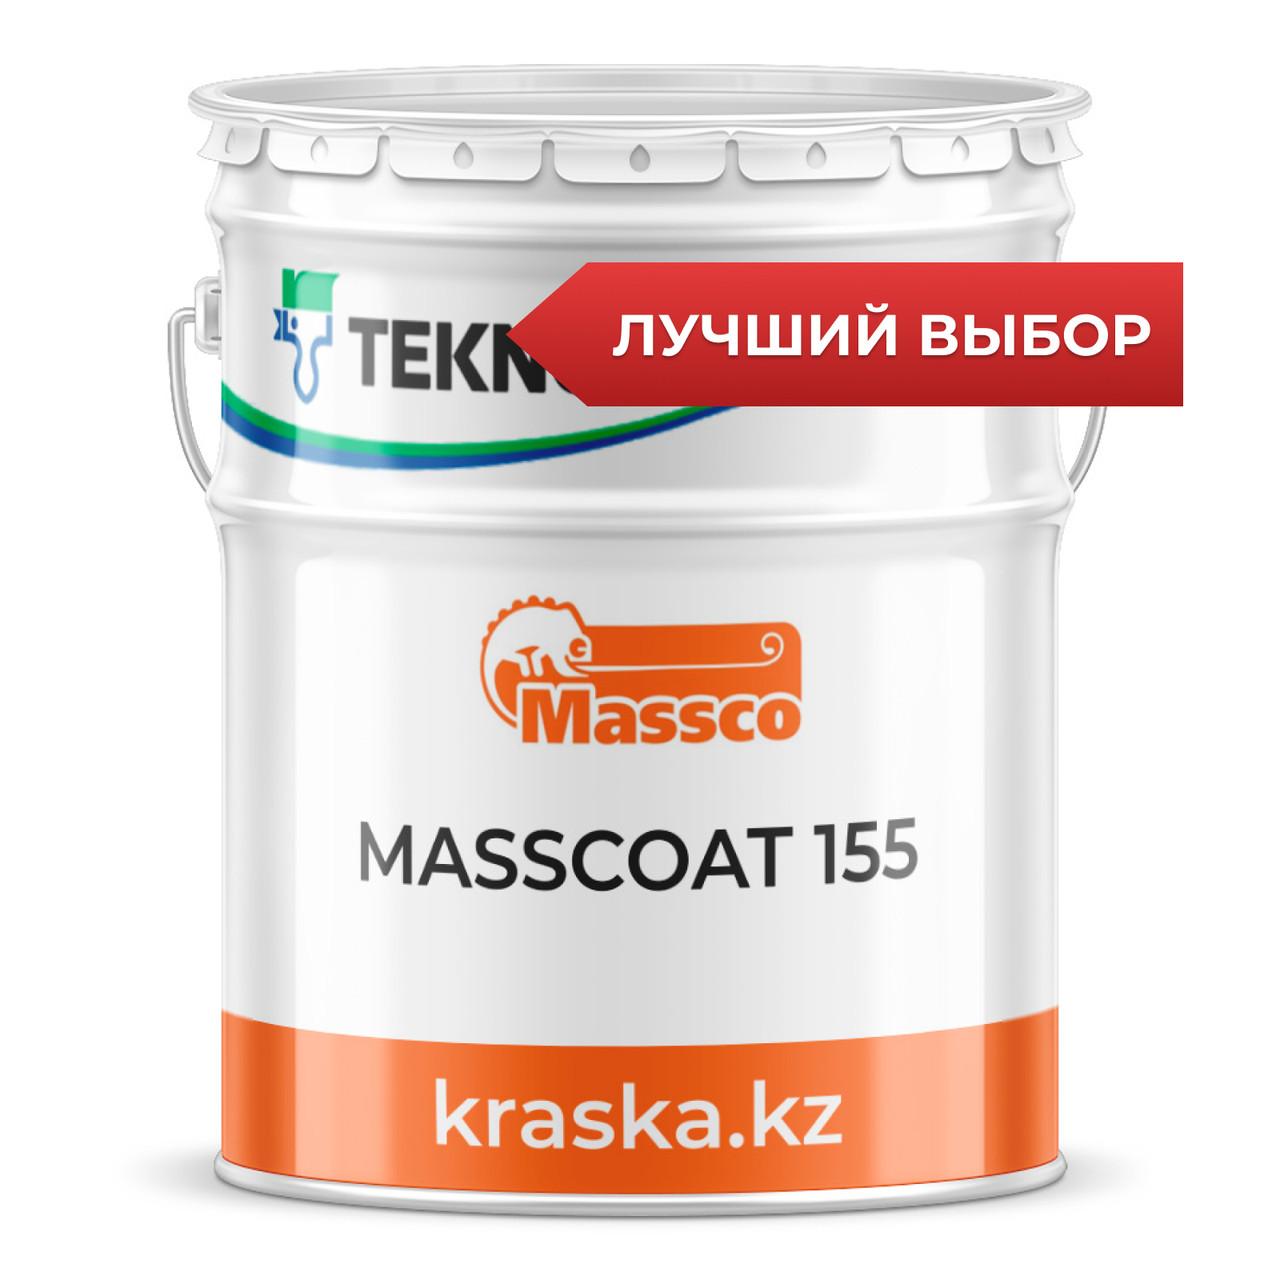 MASSCOAT 155 Быстросохнущая однокомпонентная грунт-эмаль на основе полиолефина